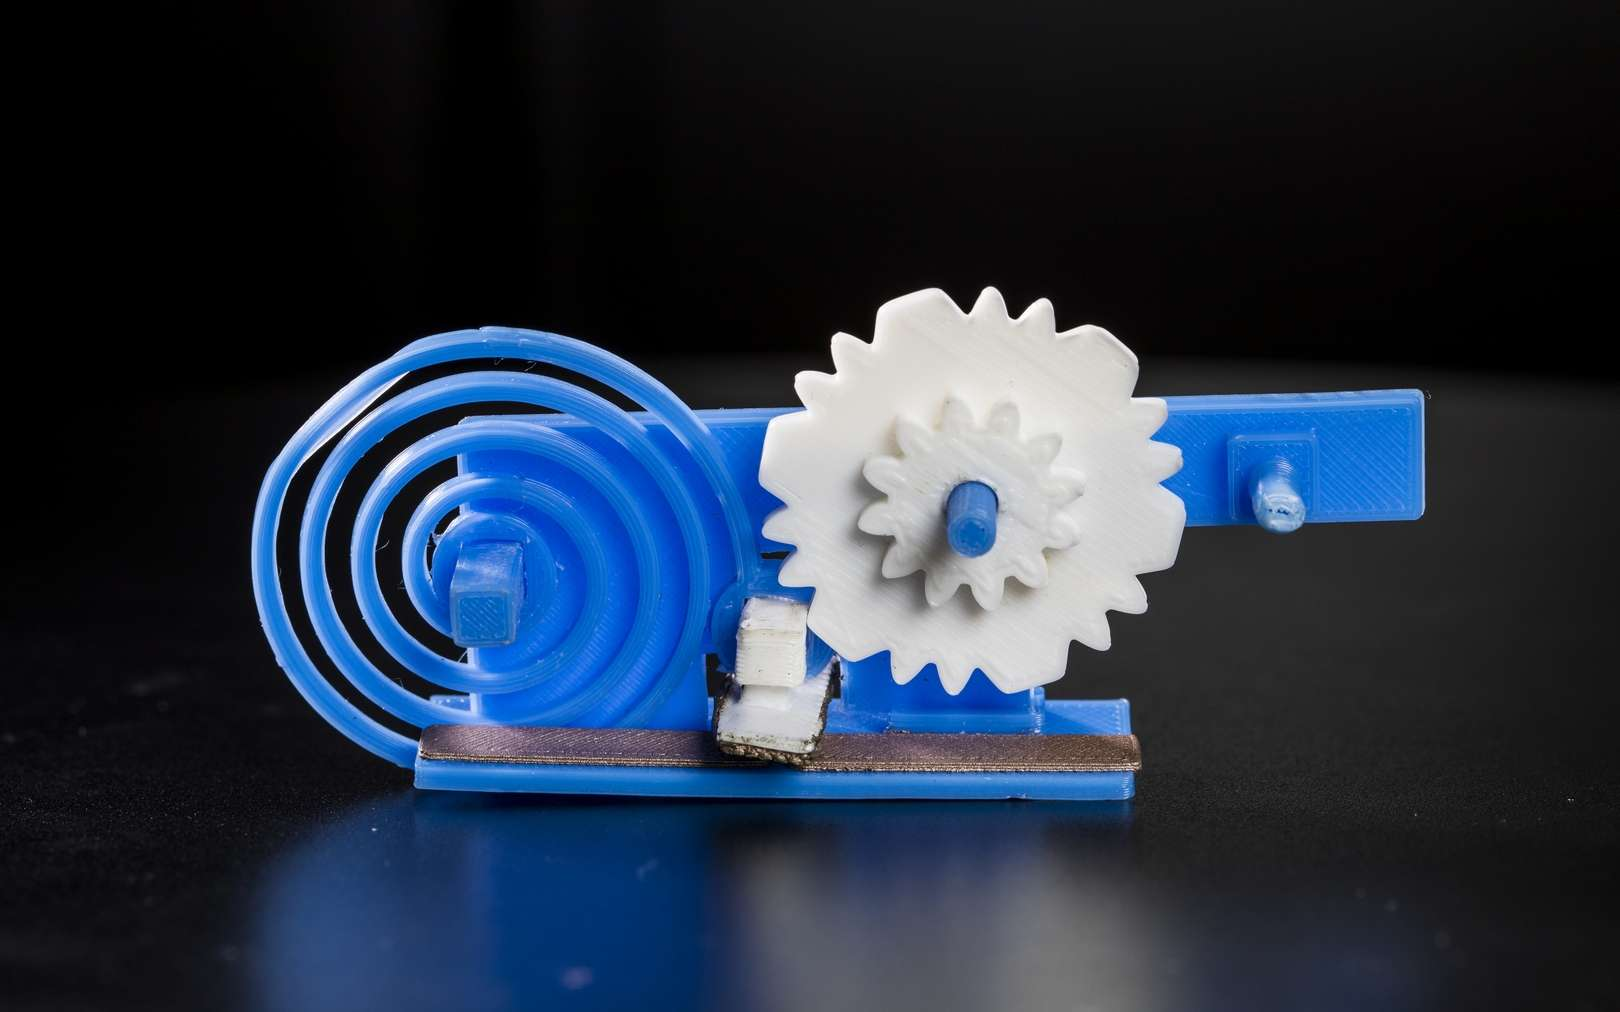 Des objets en plastique fabriqués par impression 3D peuvent se connecter au Wi-Fi. Voici le mécanisme en plastique actionnant l'interrupteur qui se connecte et se déconnecte de l'antenne intégrée pour induire un changement dans la réflexion des ondes. © Mark Stone, University of Washington